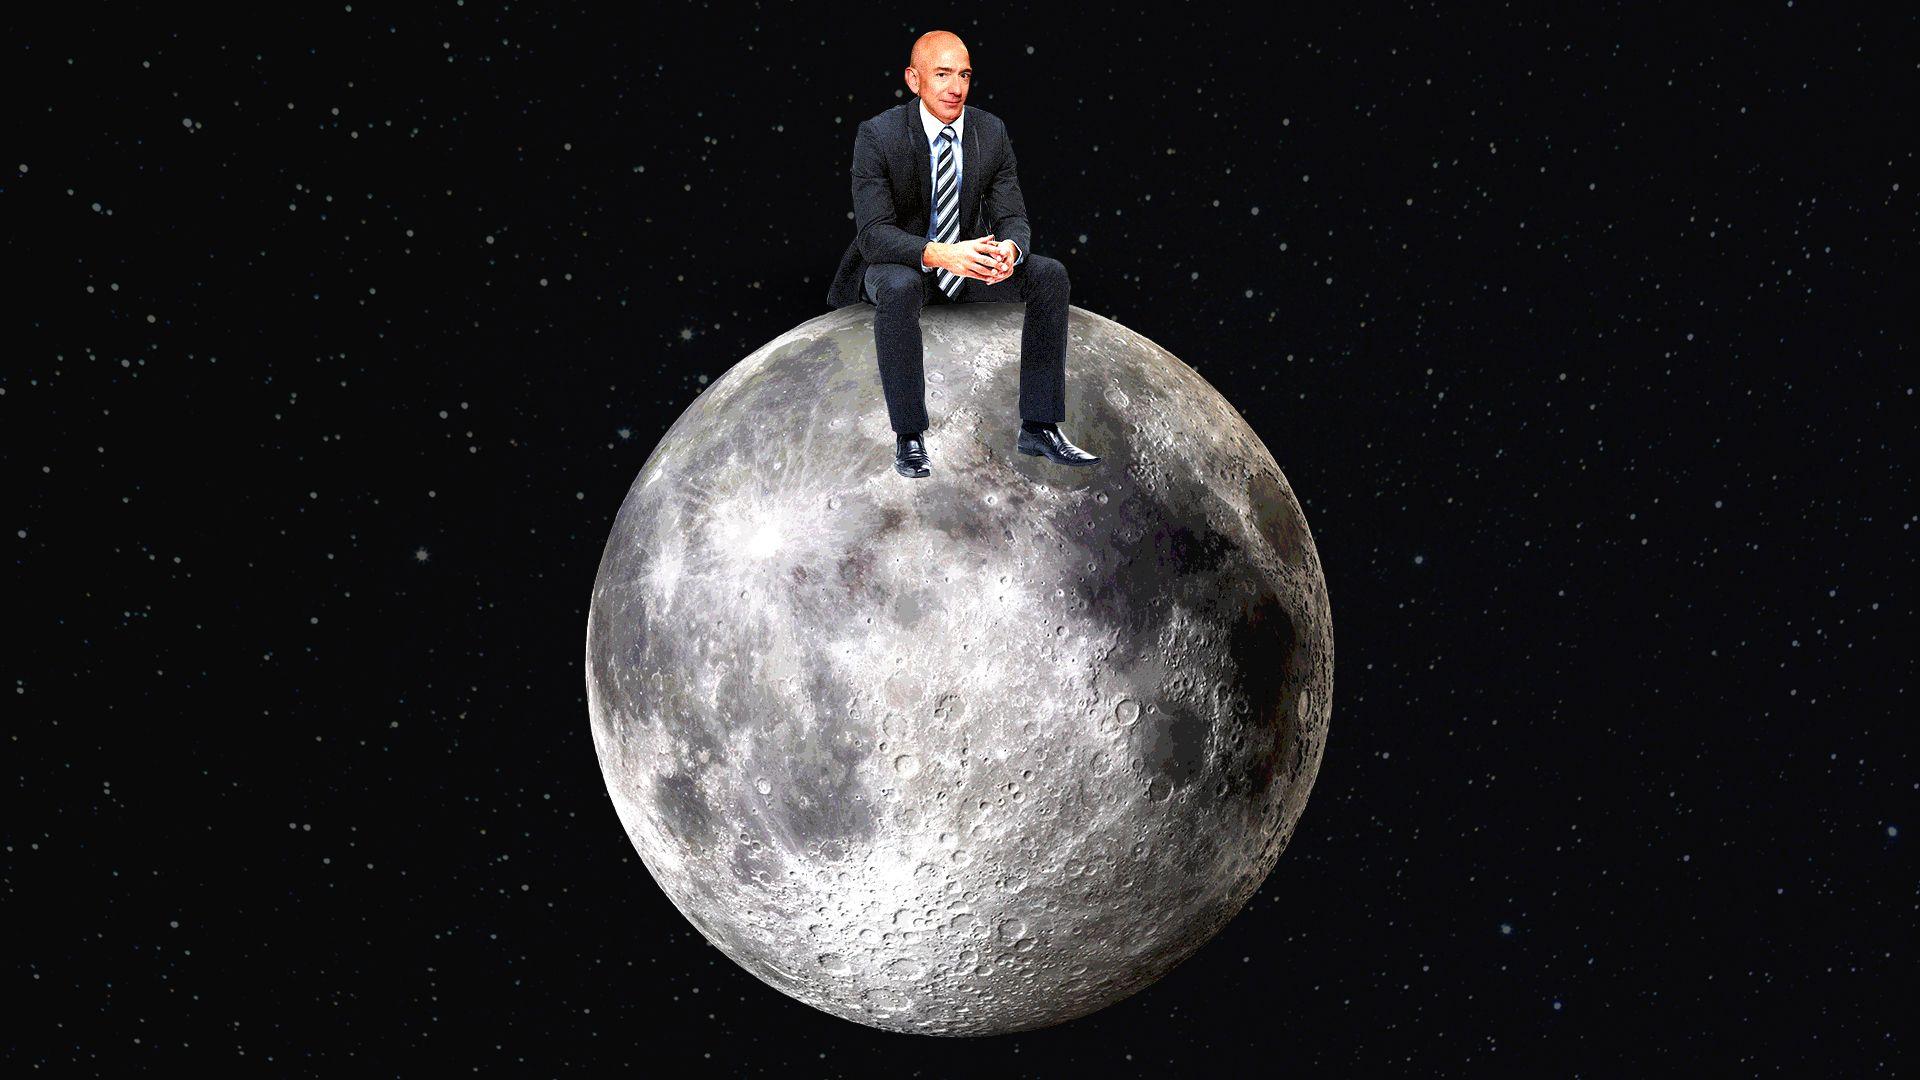 Illustration of Jeff Bezos sitting on the moon.